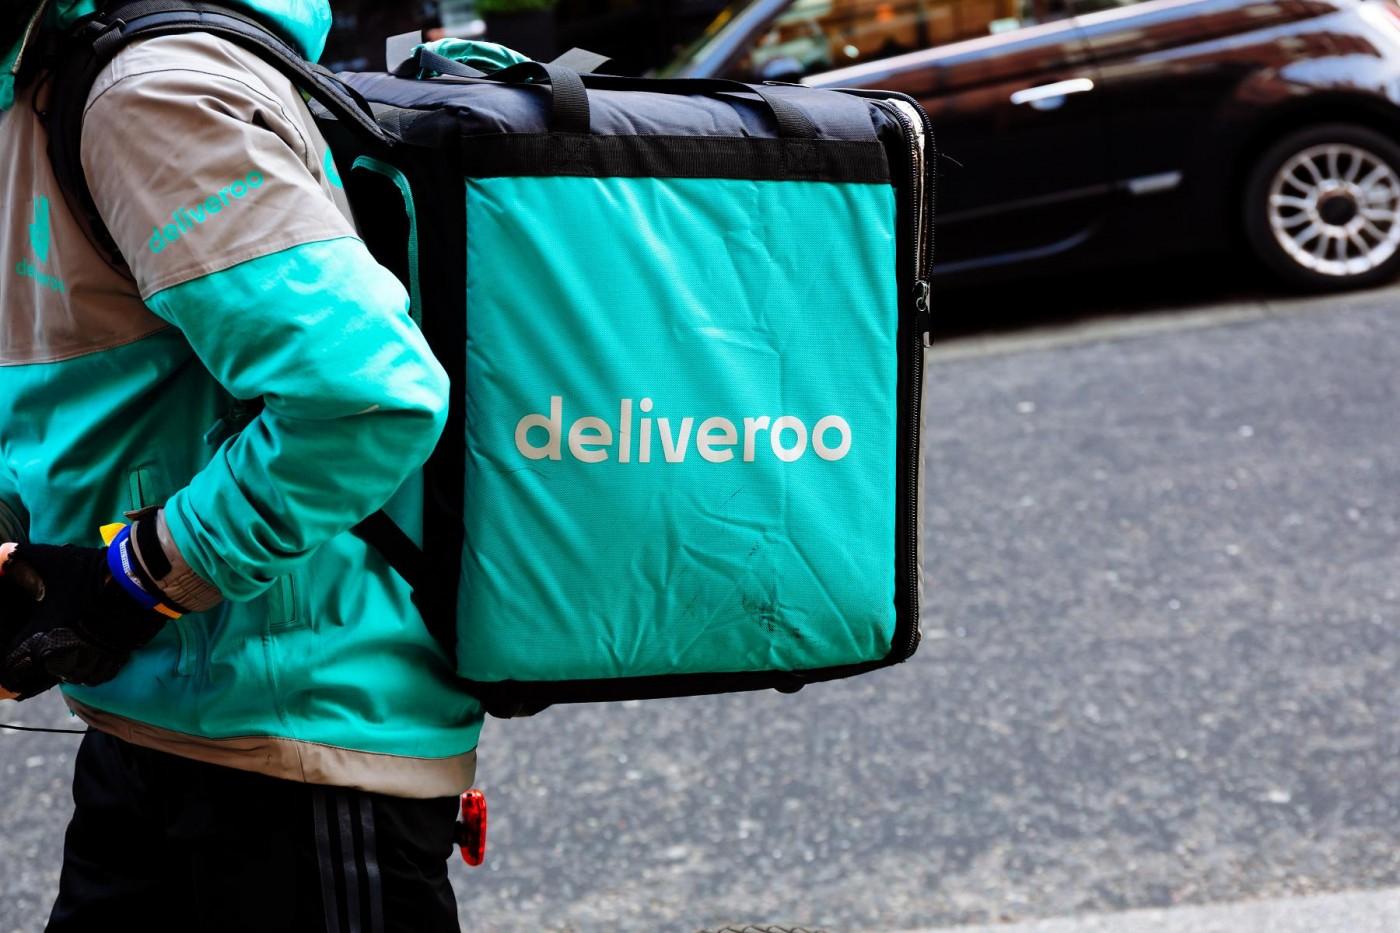 主攻高級餐飲!英國送餐新創「Deliveroo」完成3.85億美元F輪融資